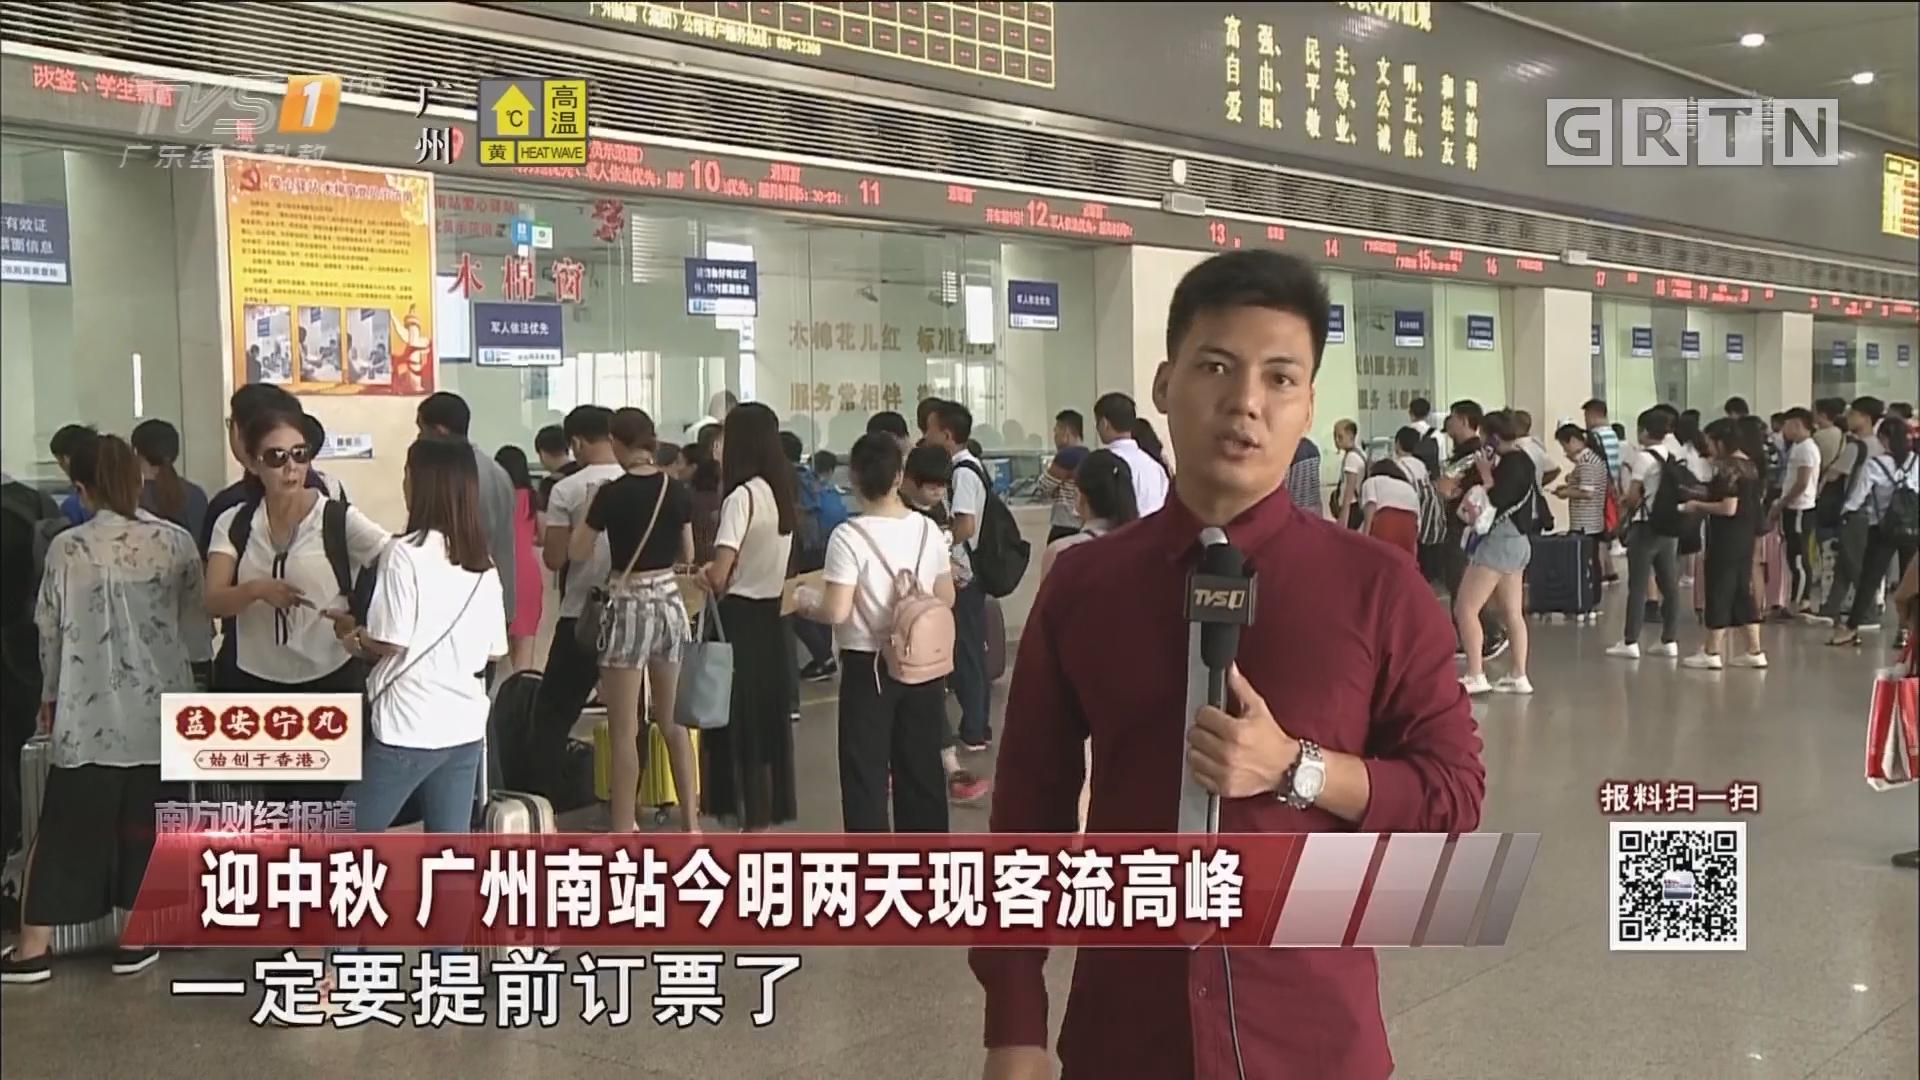 迎中秋 广州南站今明两天现客流高峰